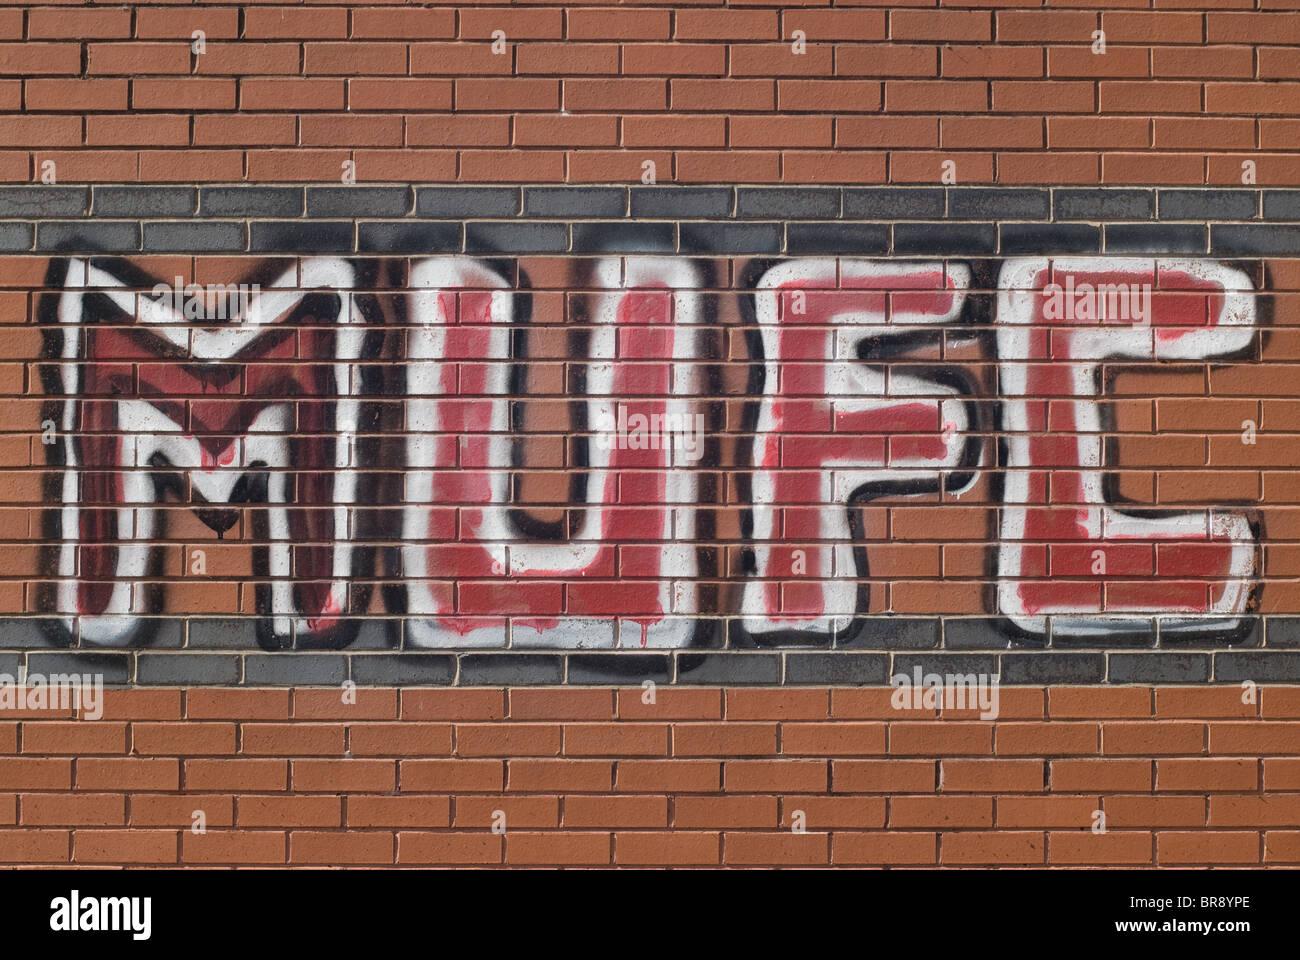 MUFC Graffiti - Stock Image